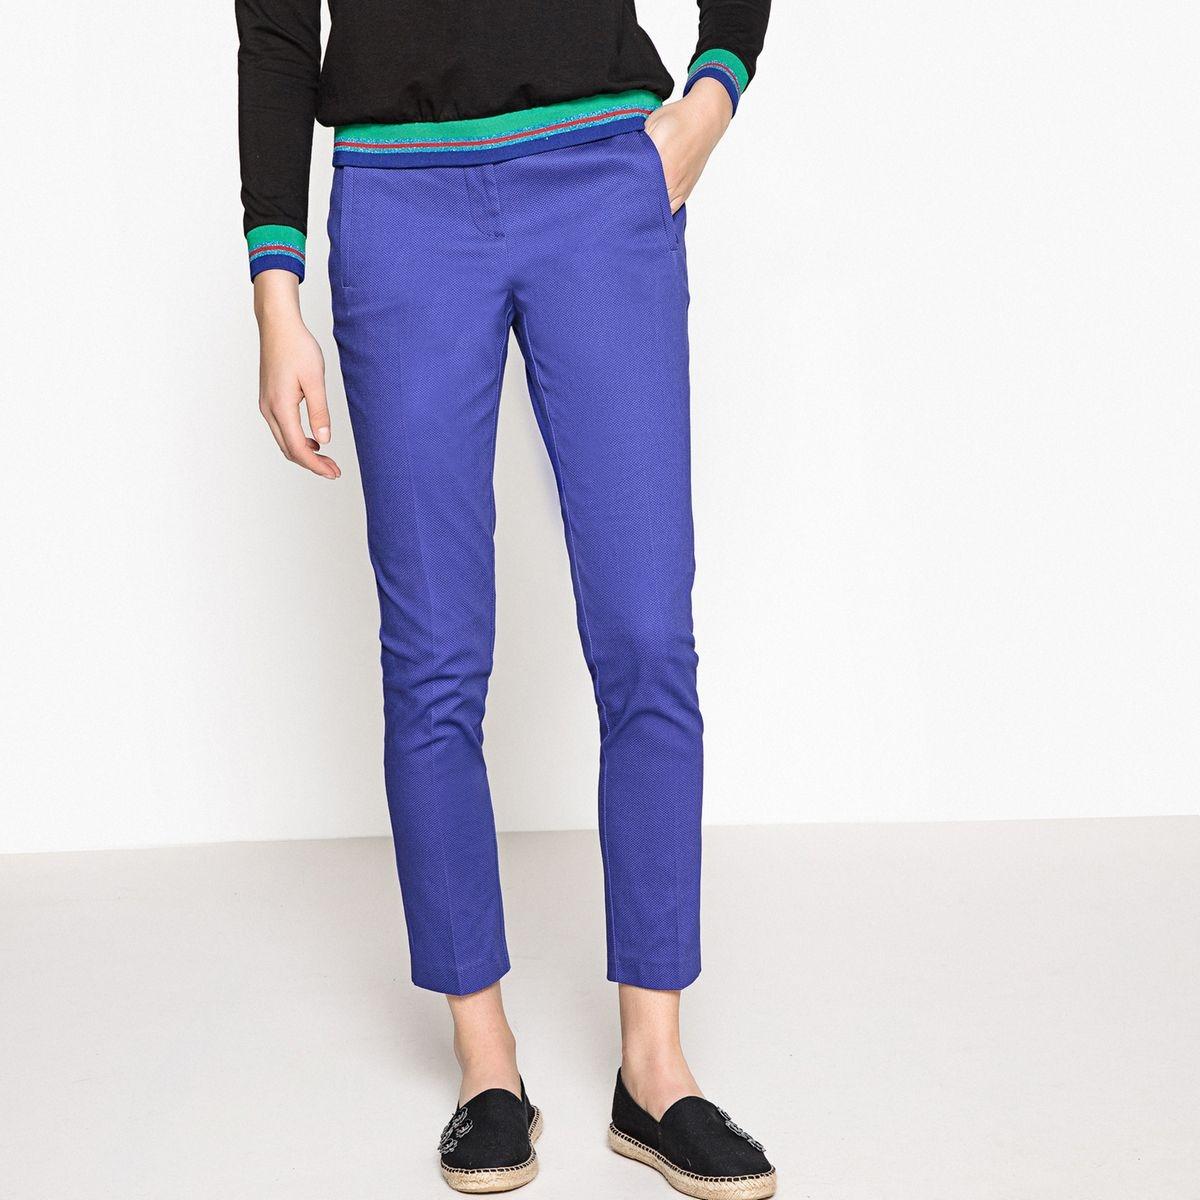 Catégorie Pantalons femmes page 11 - Guide des produits 523a5335448